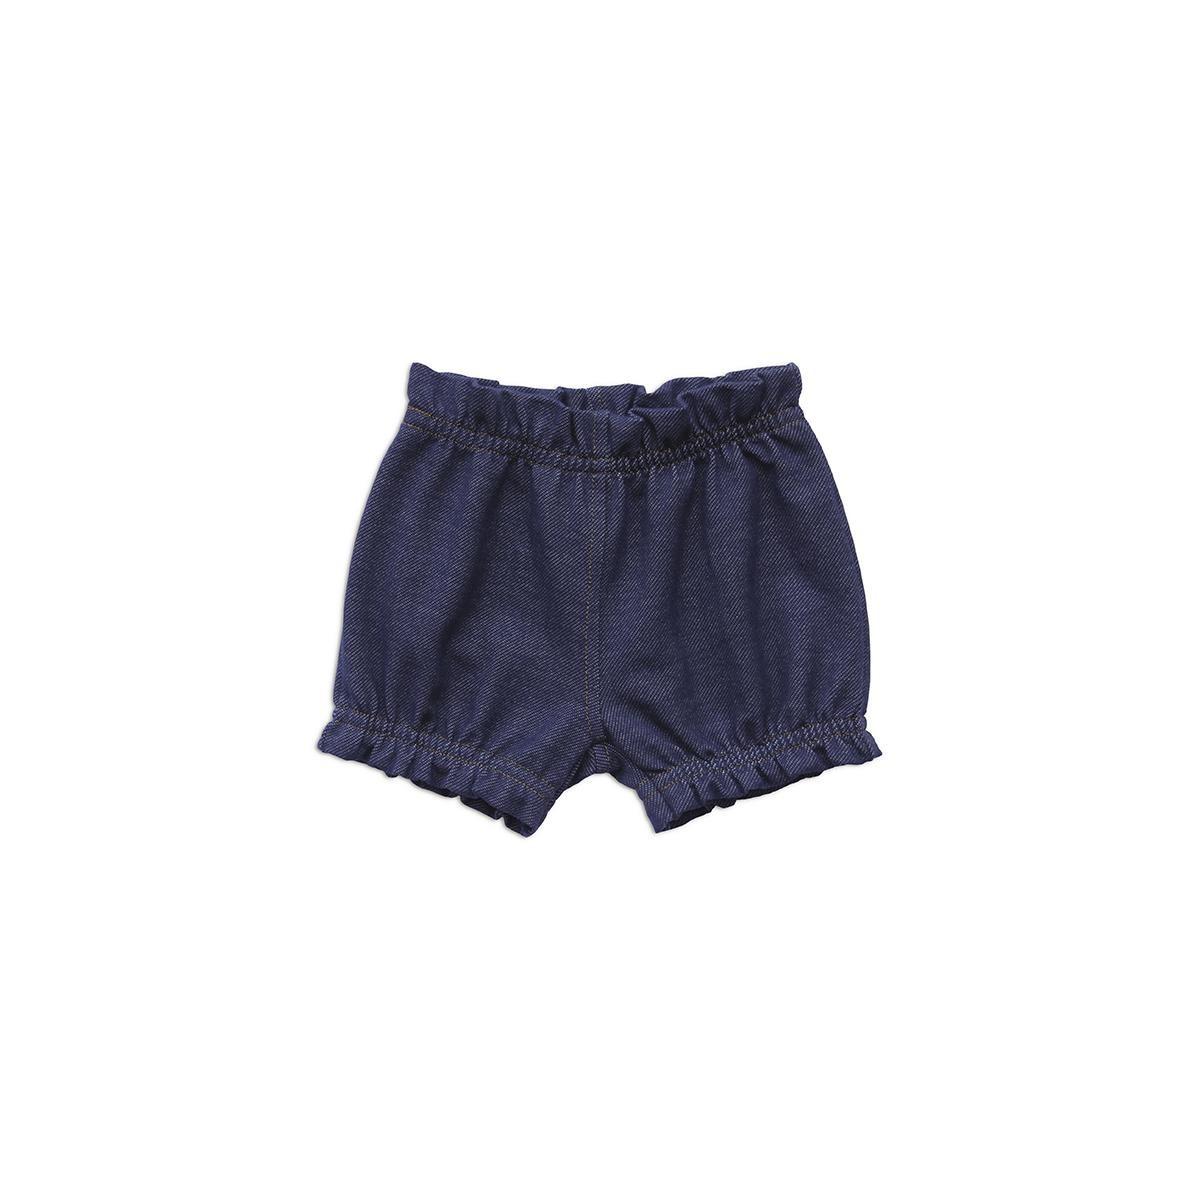 Shorts Feminino Estilo Jeans 1 ao 3 Moletinho 65% Algodão 31% Poliéster 4% Elastano